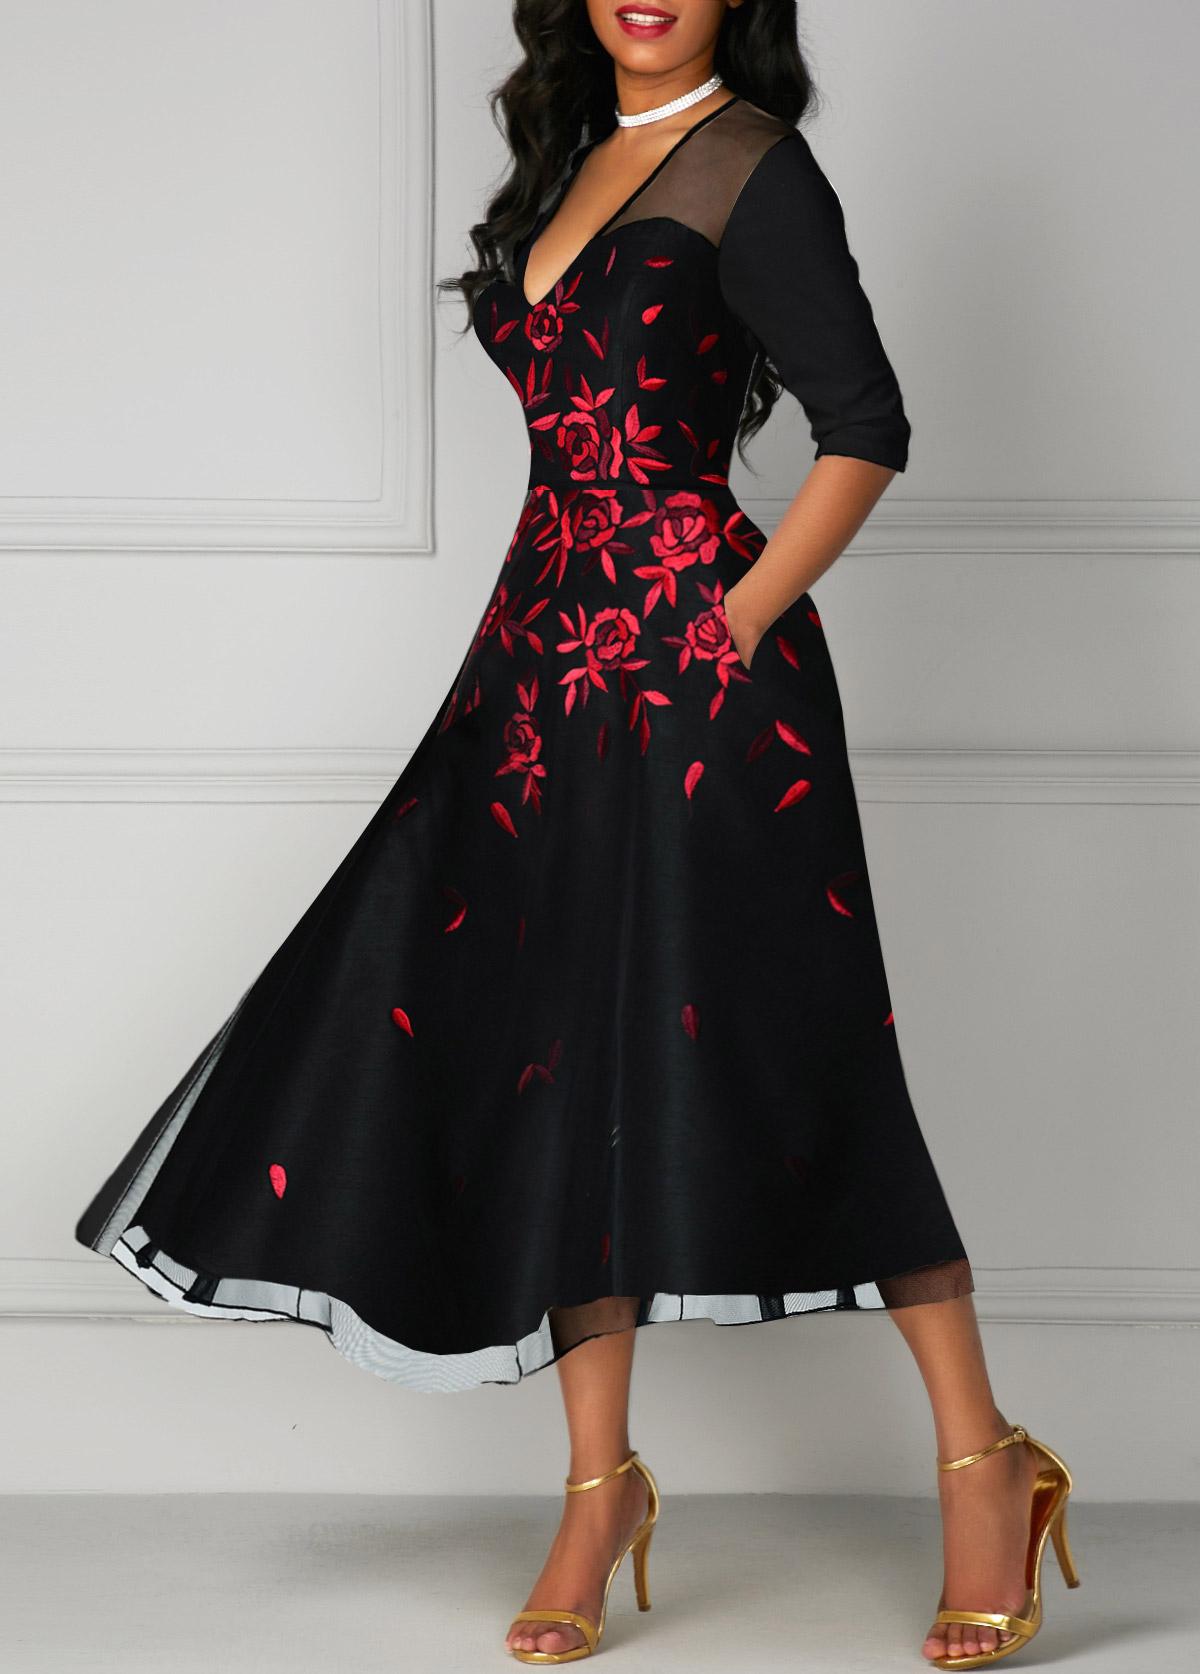 Flower Print V Neck Mesh Panel Black Dress